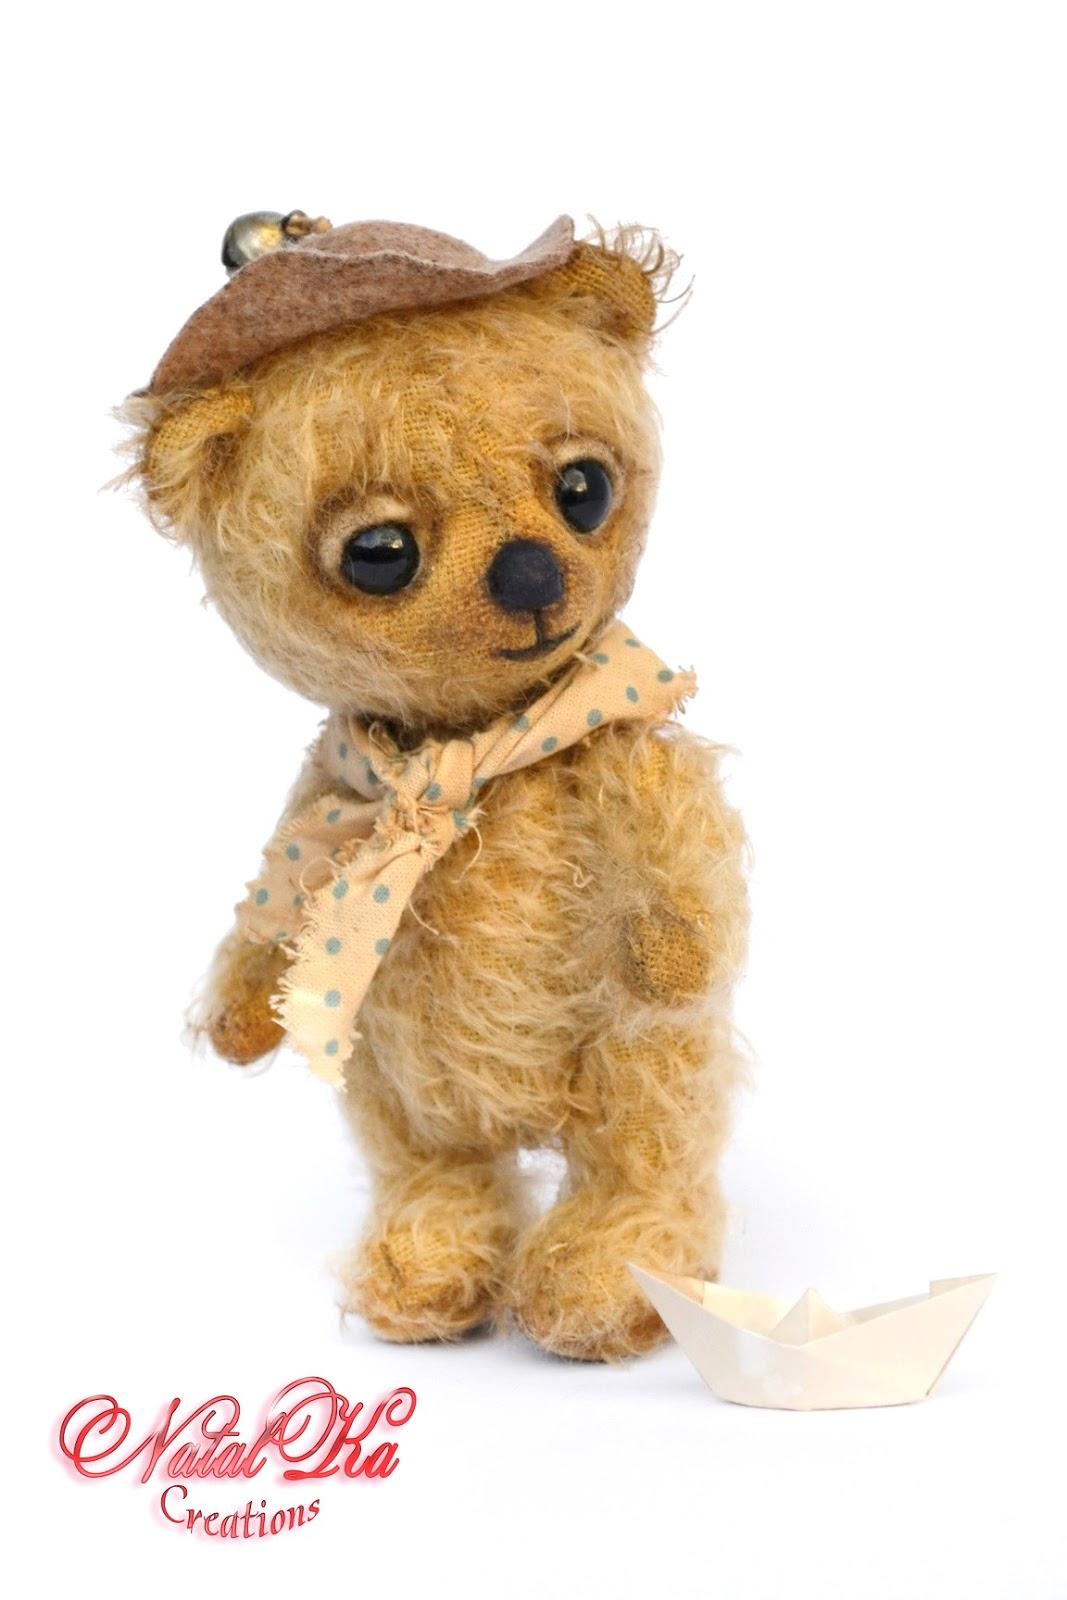 Künstlerbär, Teddybär, Bär, Teddy aus Mohair, Unikat, handgemacht von NatalKa Creations. Авторский медведь тедди, мишка тедди, медвежонок тедди из мохера от NatalKa Creations